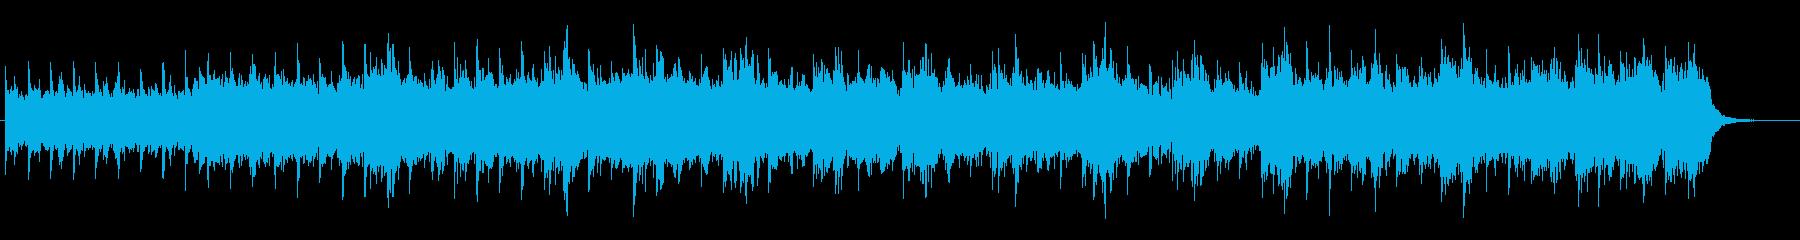 幻想的で楽しげなアンビエント風ポップスの再生済みの波形